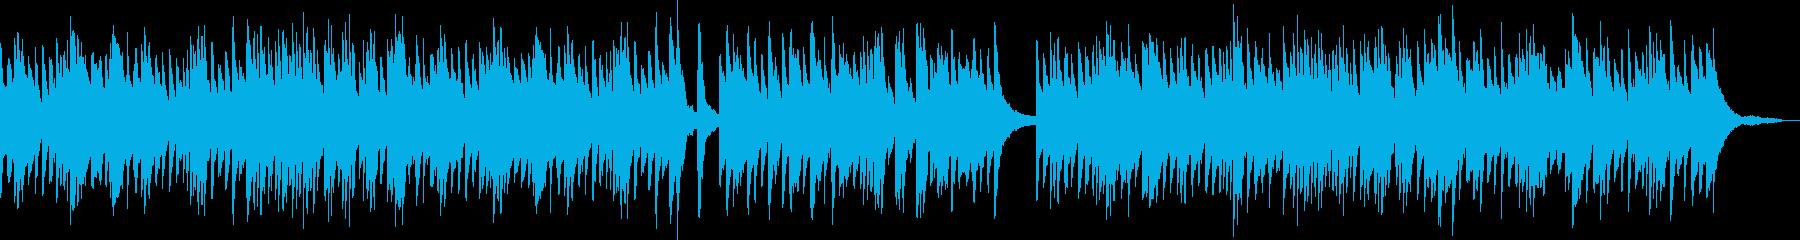 三拍子の少しほのぼのとしたピアノバラードの再生済みの波形